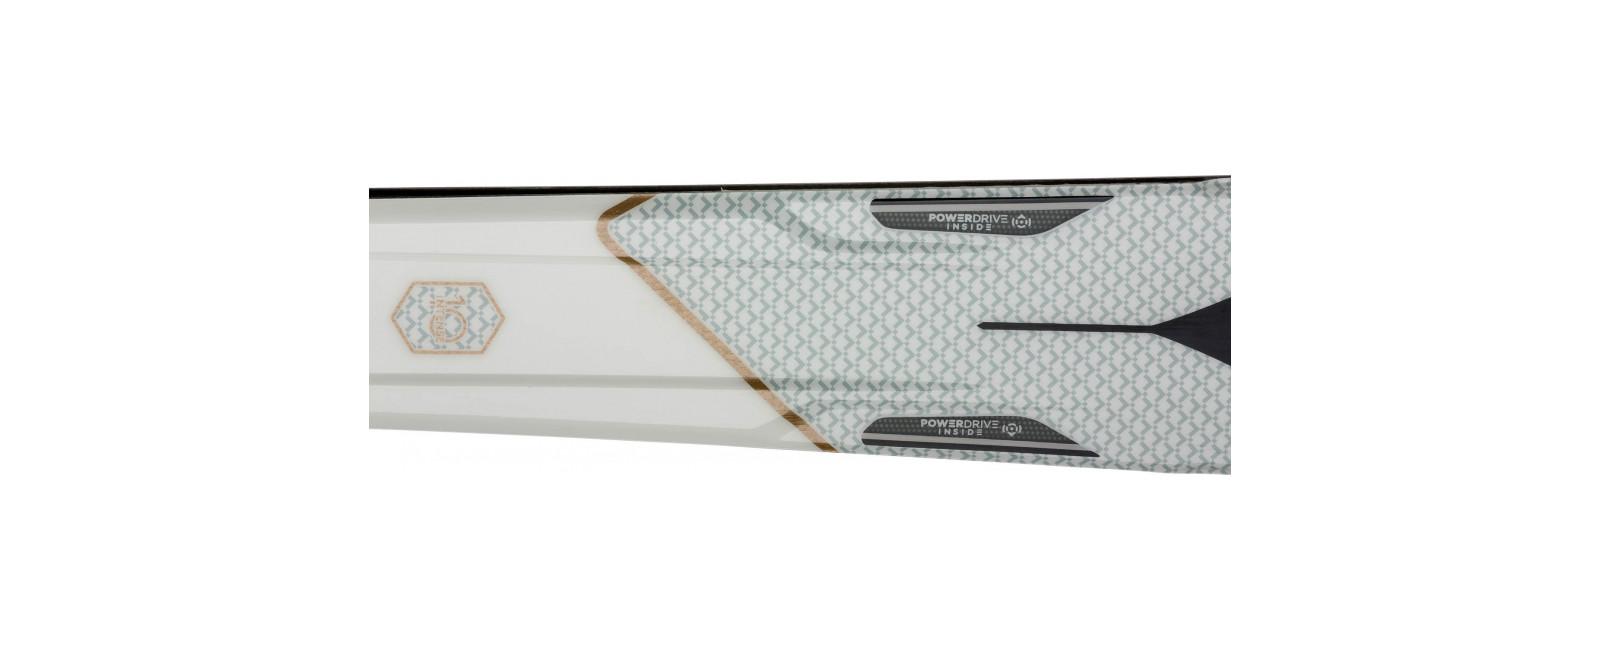 skis INTENSE 10 (XPRESS)